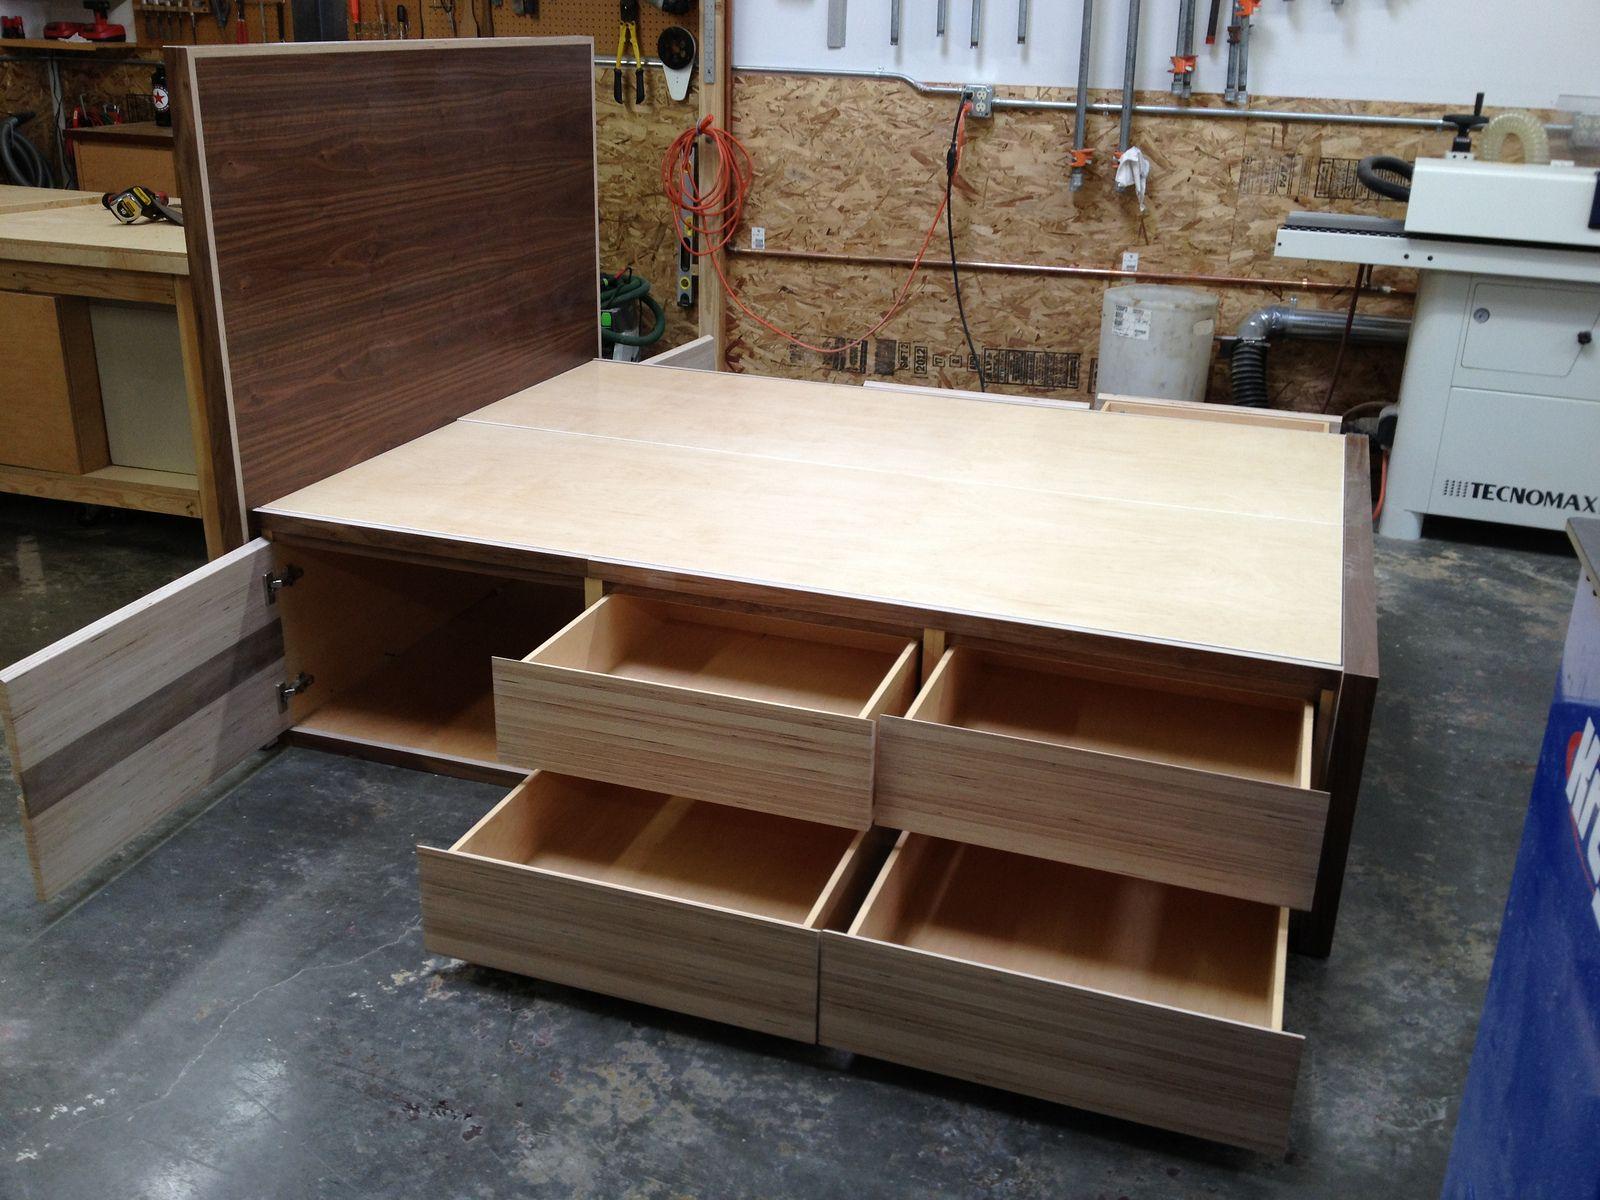 Platform bed Custom platform bed with storage made of